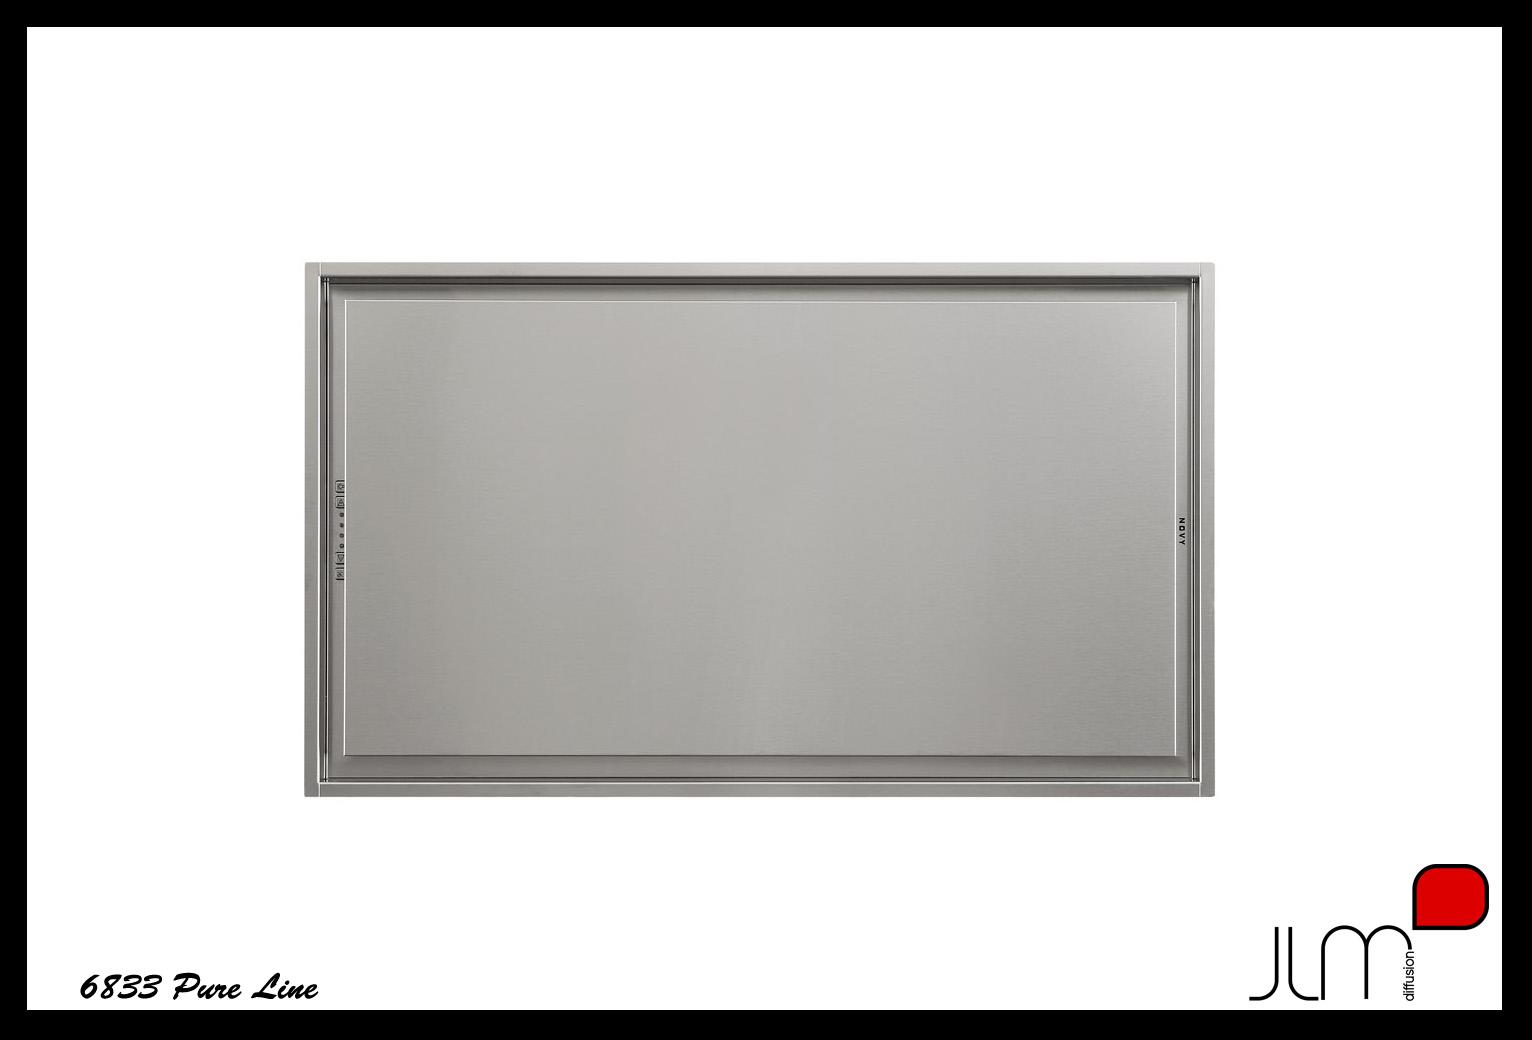 Plafonnier NOVY sans éclairage de 90cm NOVY6833-pure-039-line-nouveau-22016.jpg